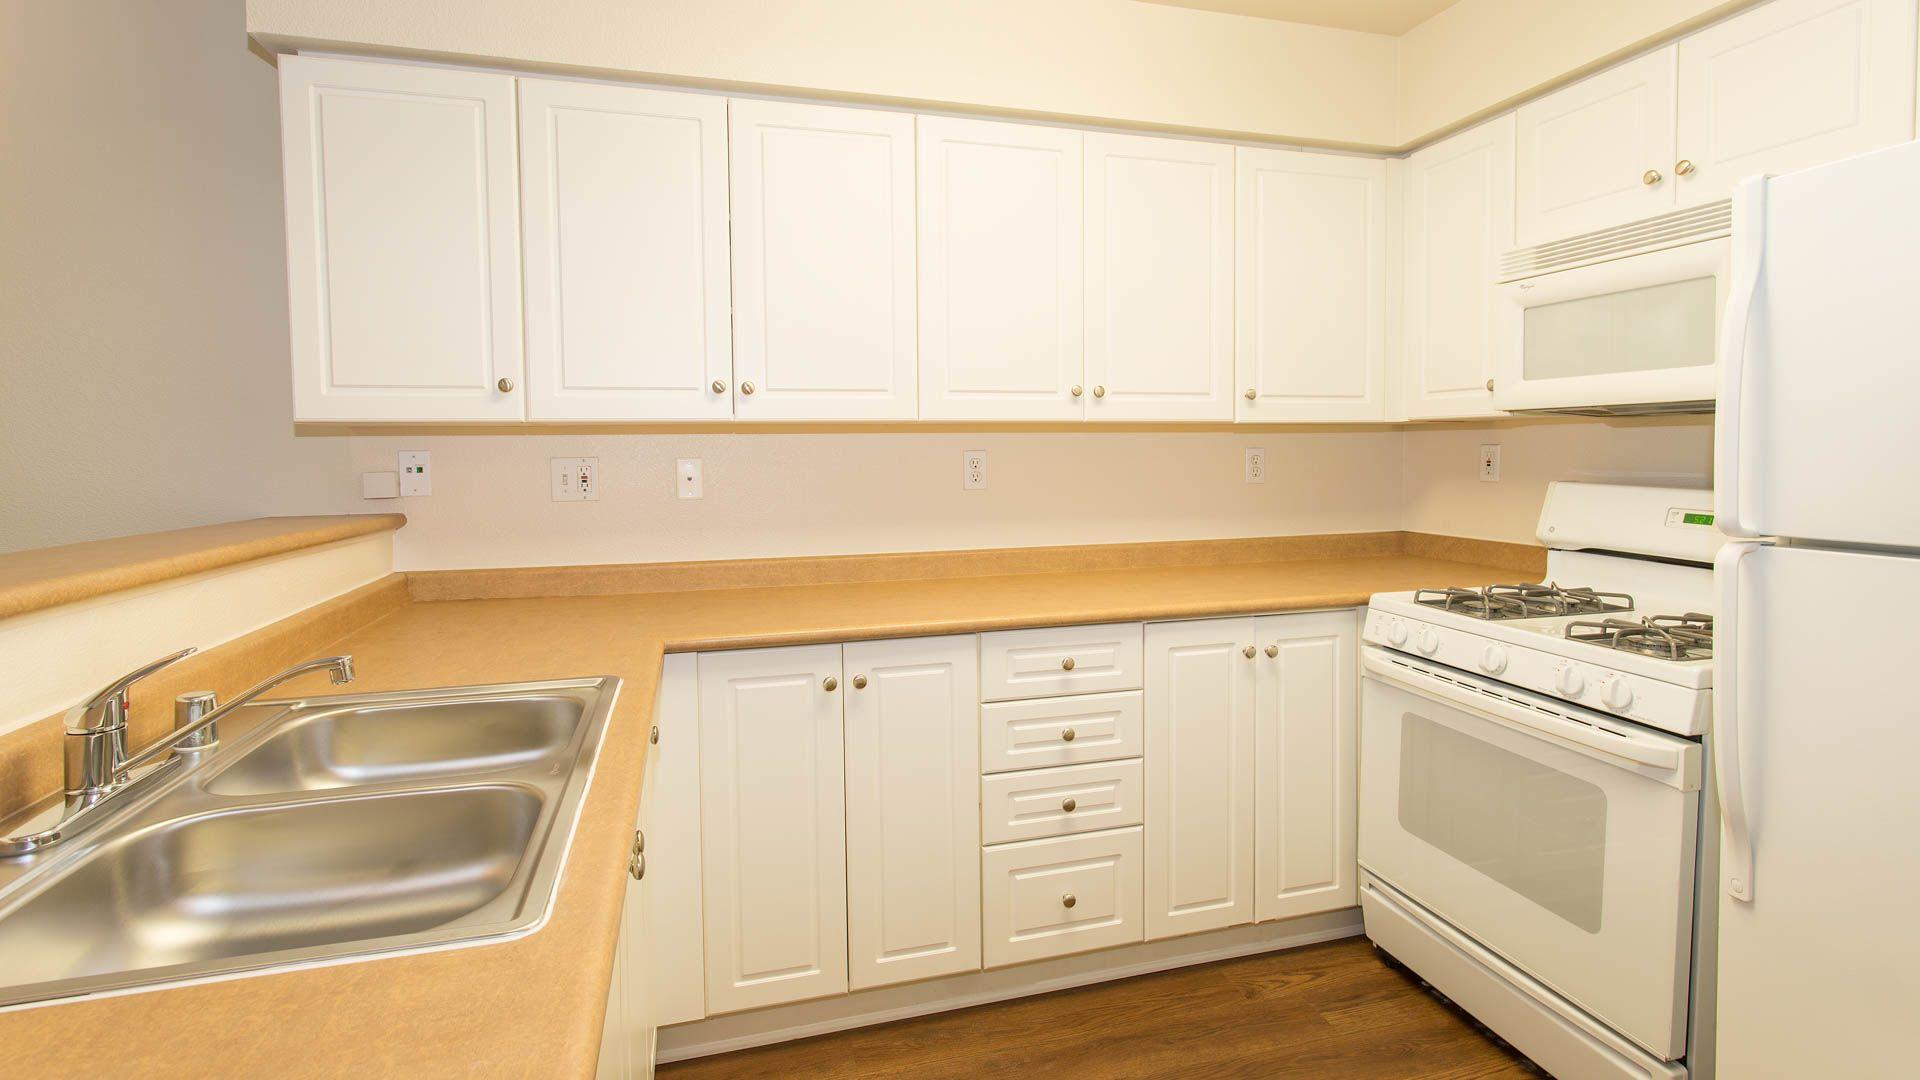 Artisan Square Apartments - Kitchen